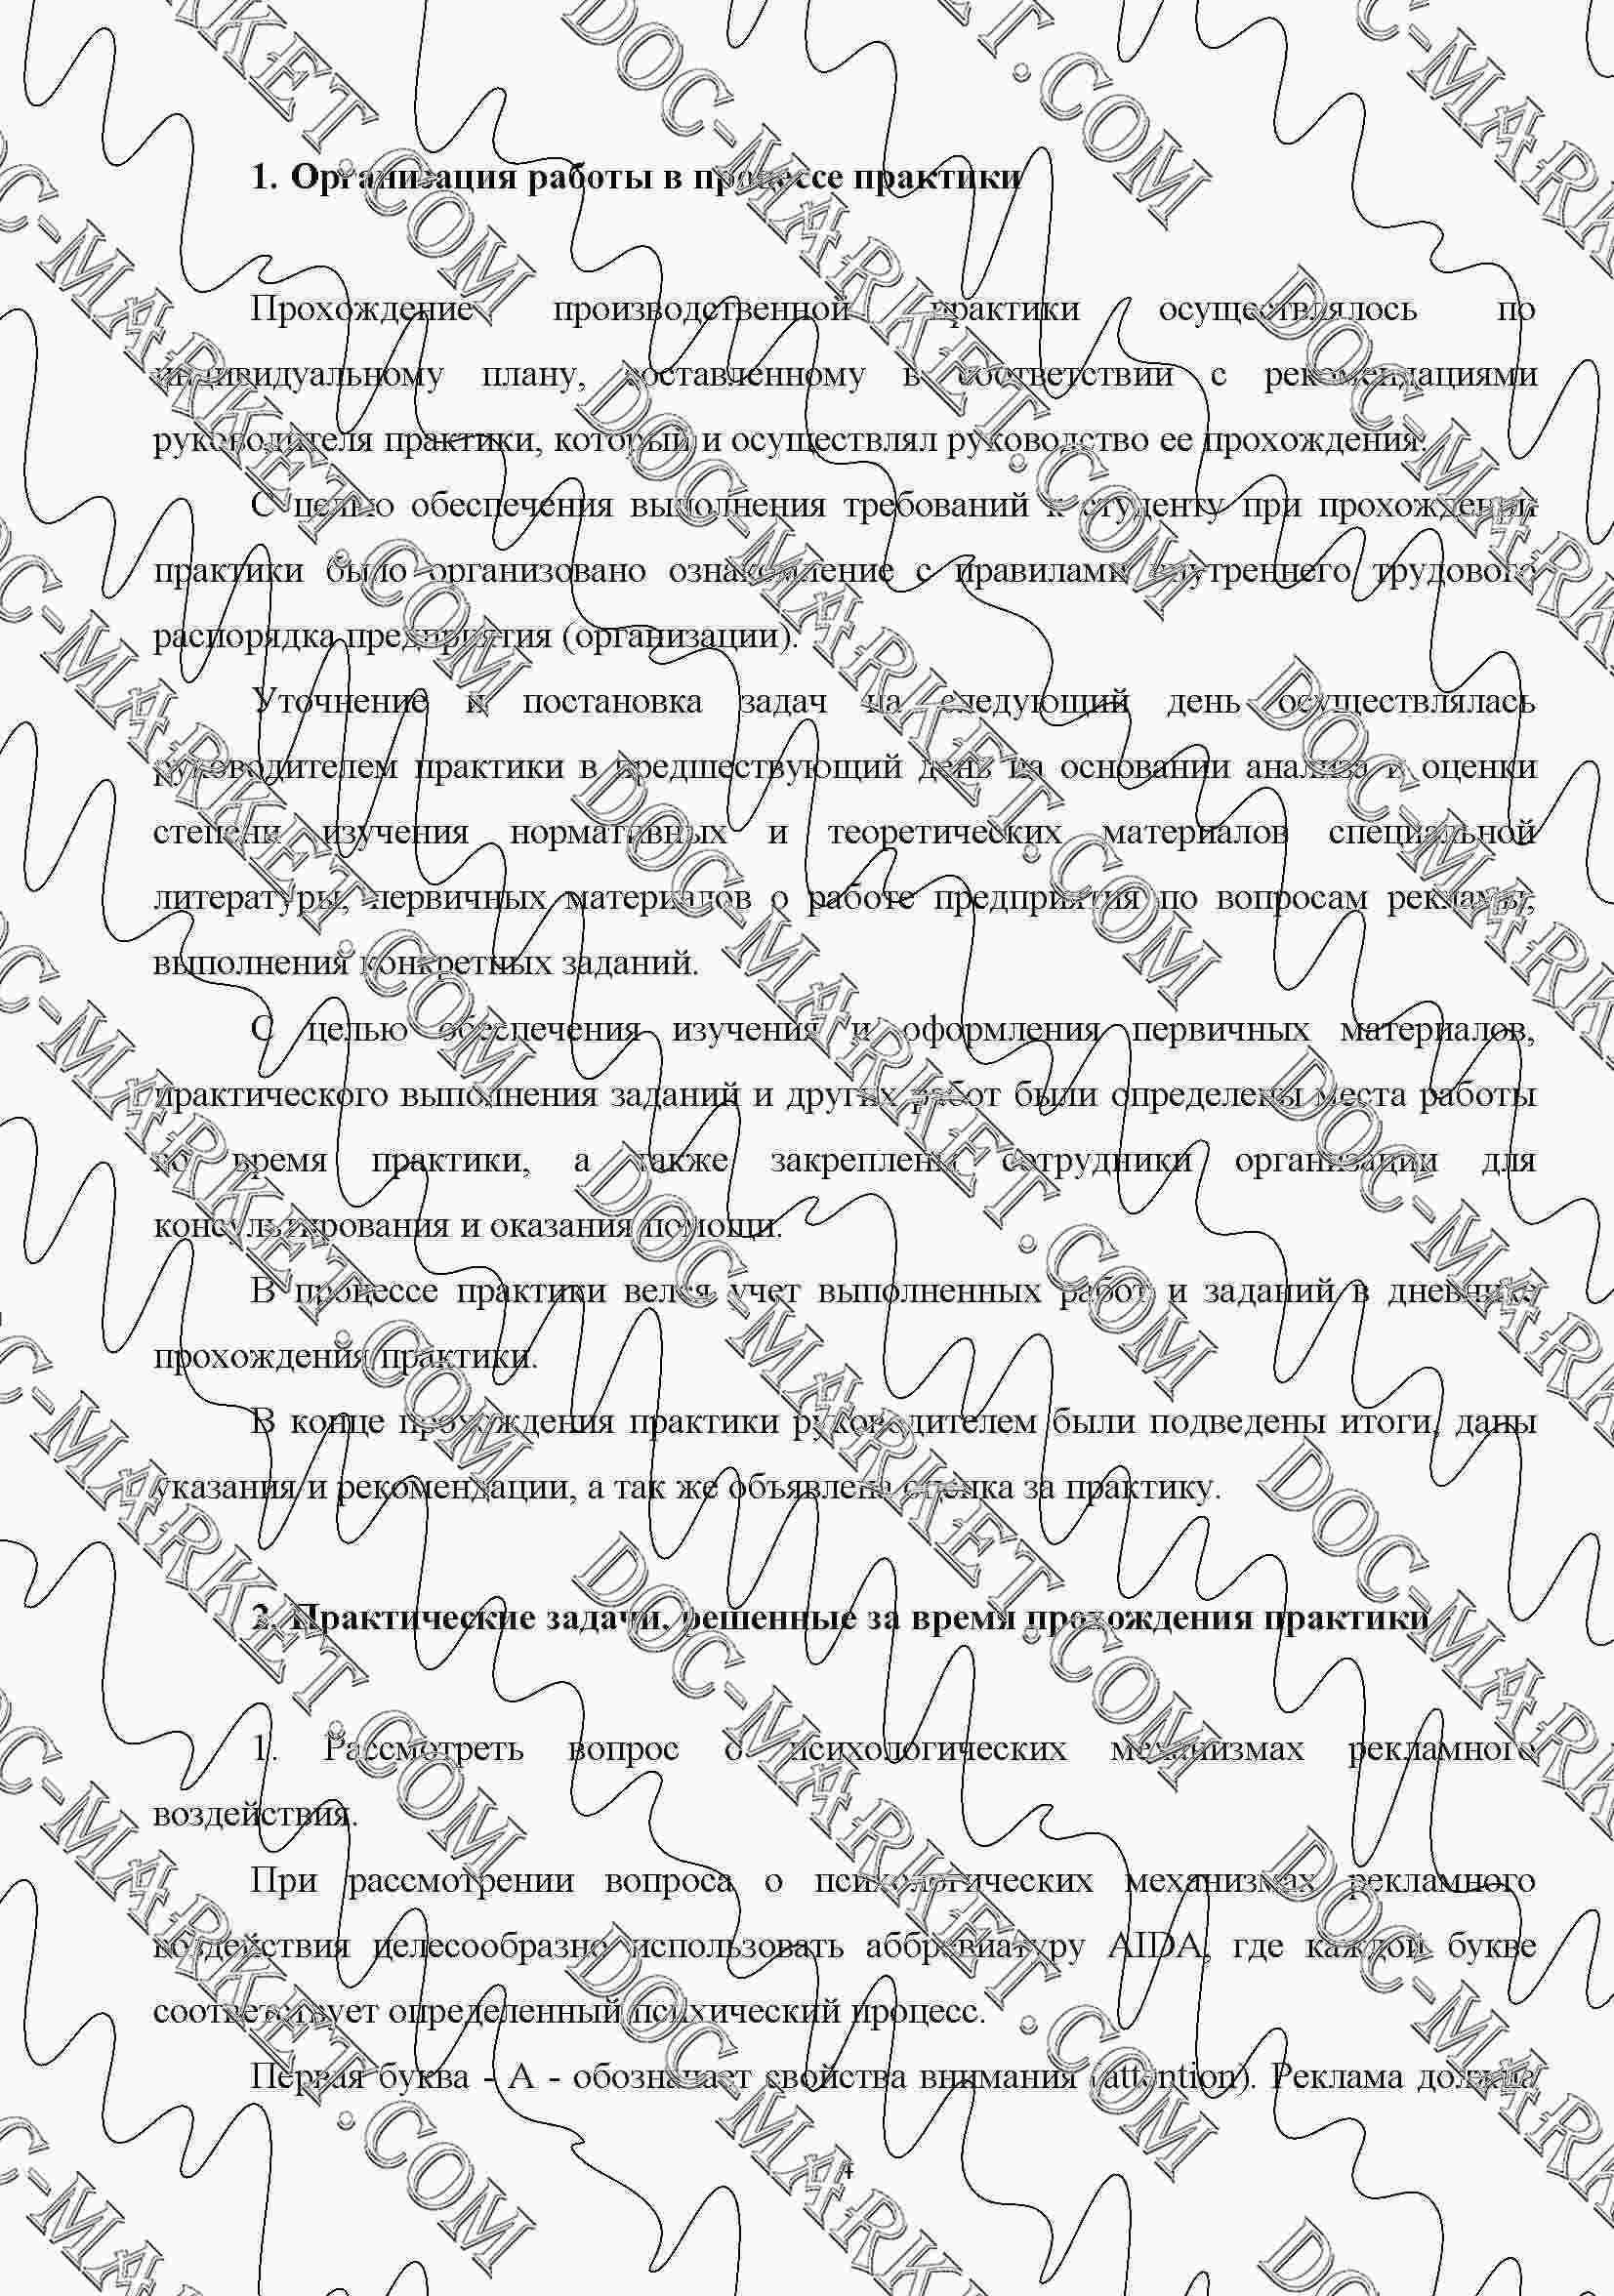 Отчёт о педпрактике в доу Отчеты По Психолого Педагогической Практике В Доу Отчет по педпрактике в свободной форме Отчт О преддипломной практике